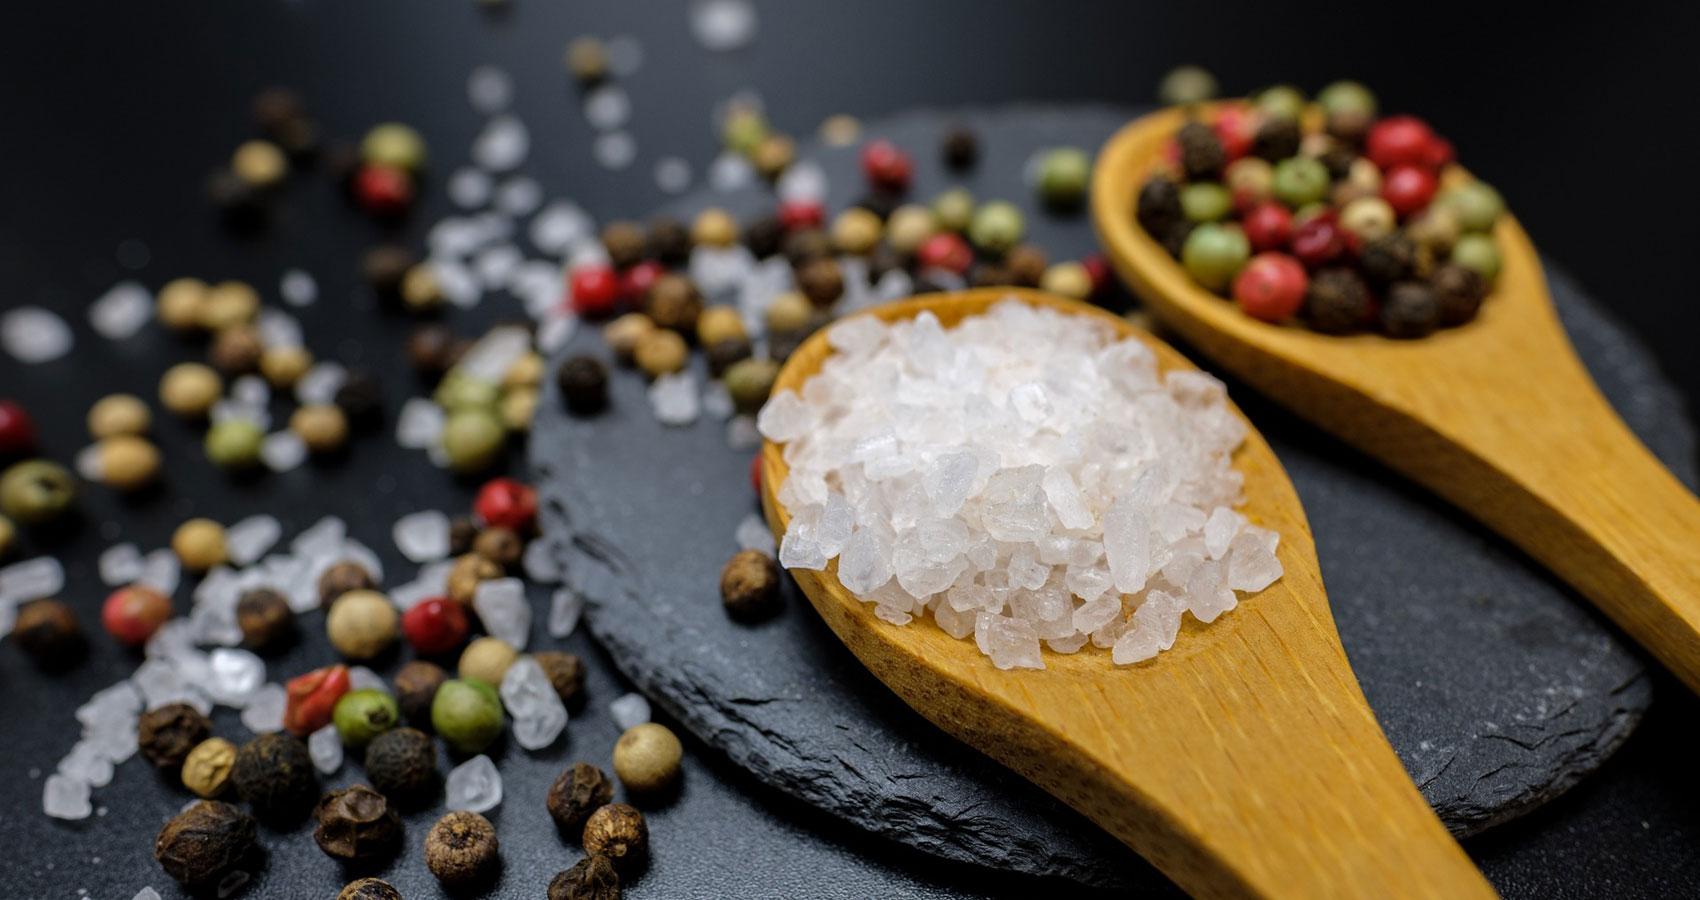 Pepper and Salt, written by Ipsita Banerjee at Spillwords.com